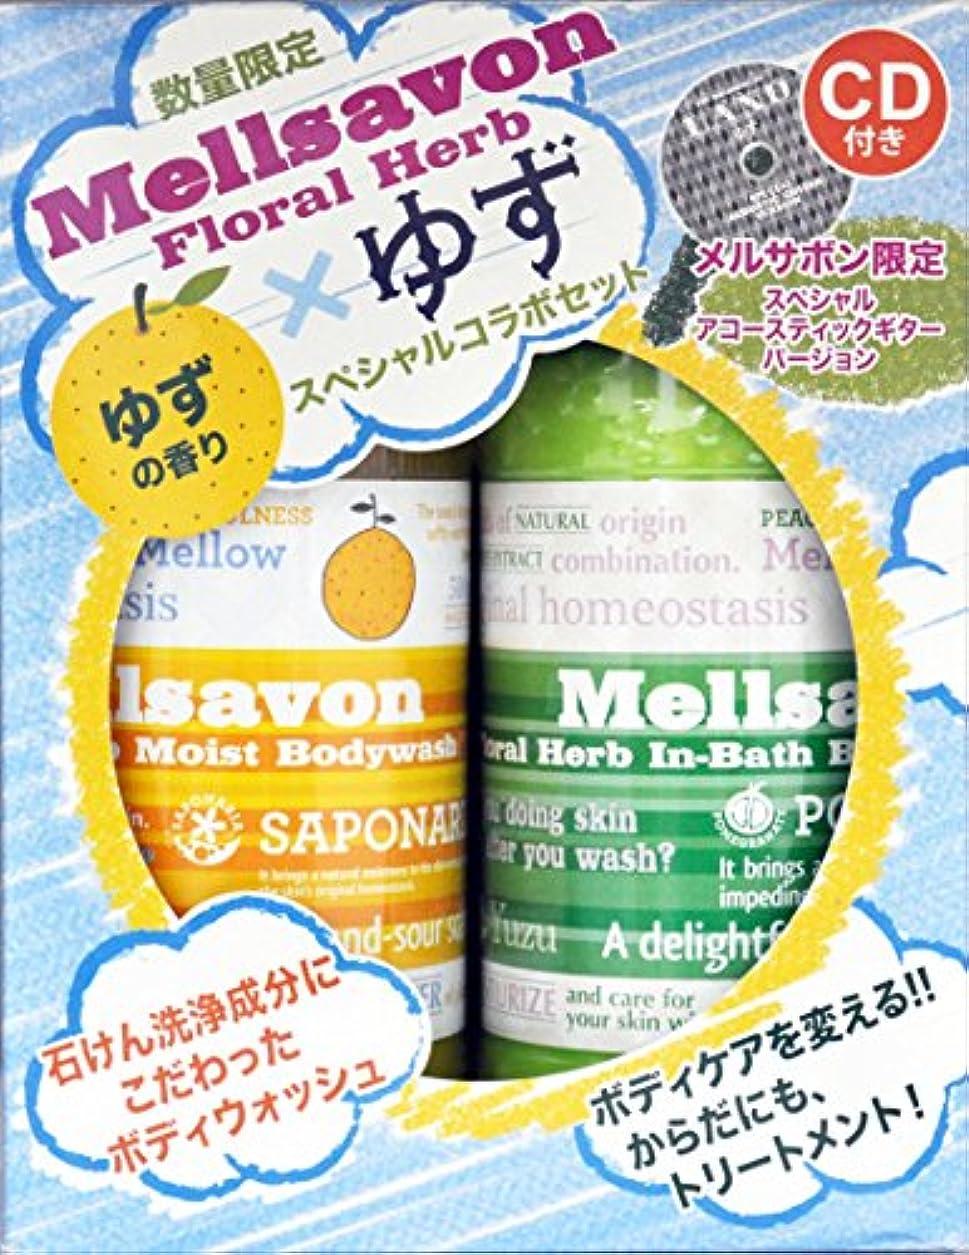 エキゾチック固める冊子Mellsavon Floral Herb×ゆず スペシャルコラボセット CD付き